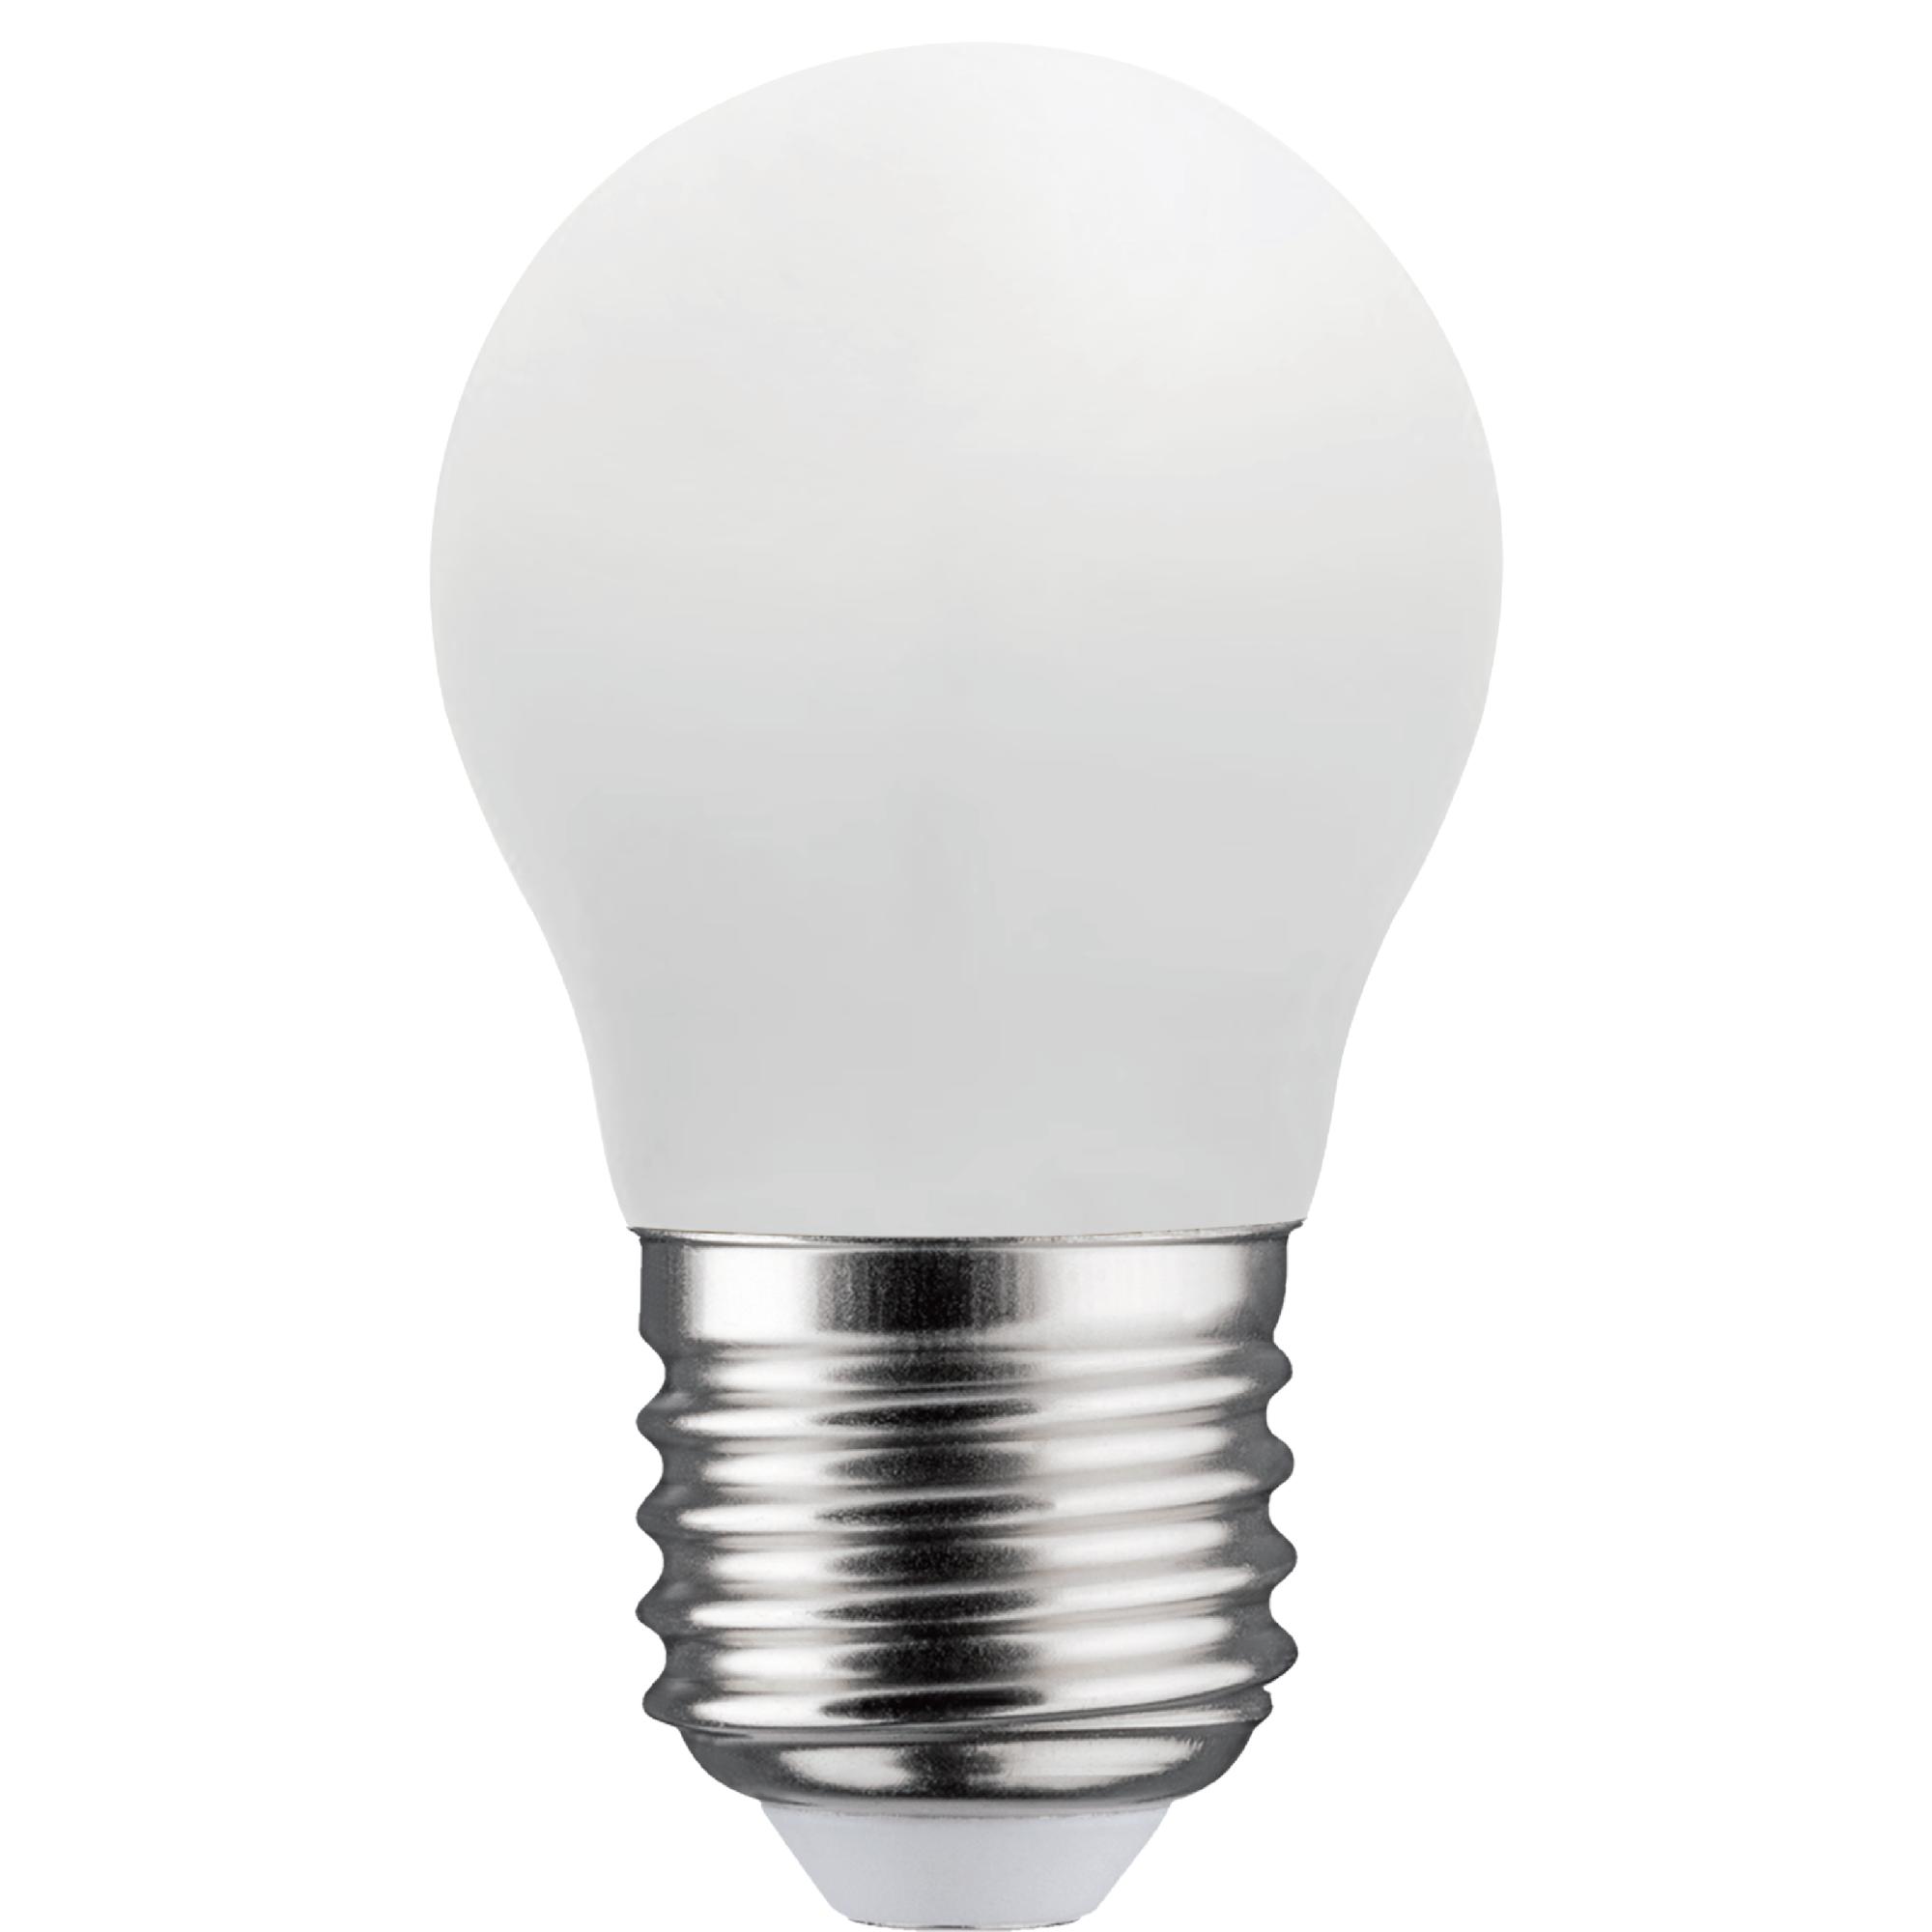 Лампа светодиодная филаментная Lexman E27 220 В 7 Вт шар матовый 806 лм тёплый белый свет